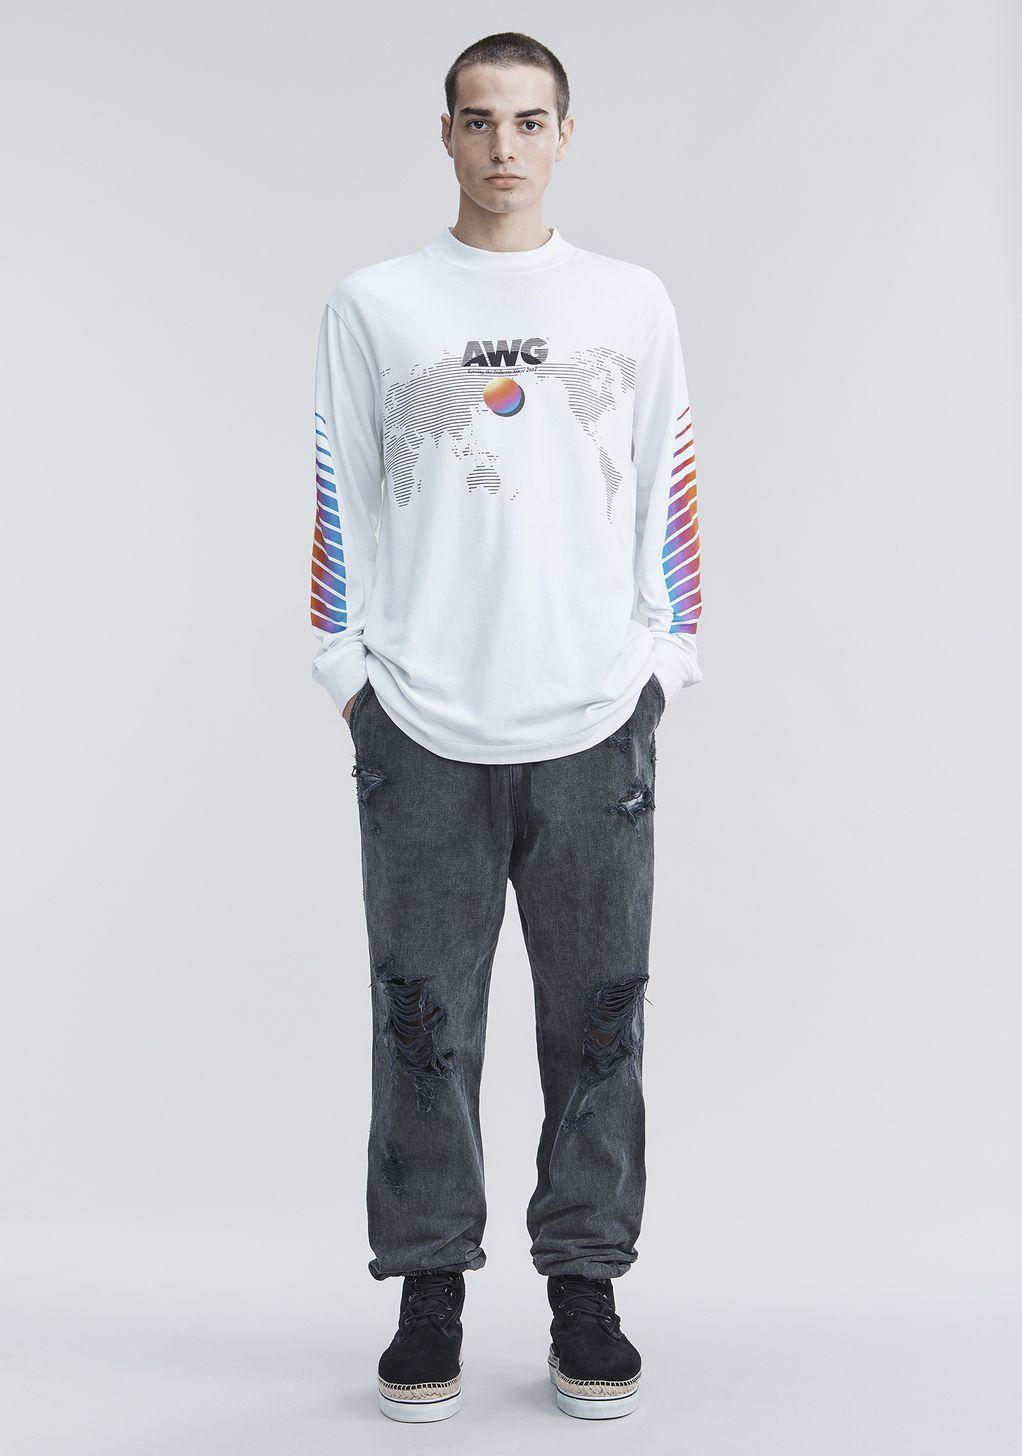 Alexander Wang AWG LONG SLEEVE SHIRT  Long Sleeve t Shirt   Official Site